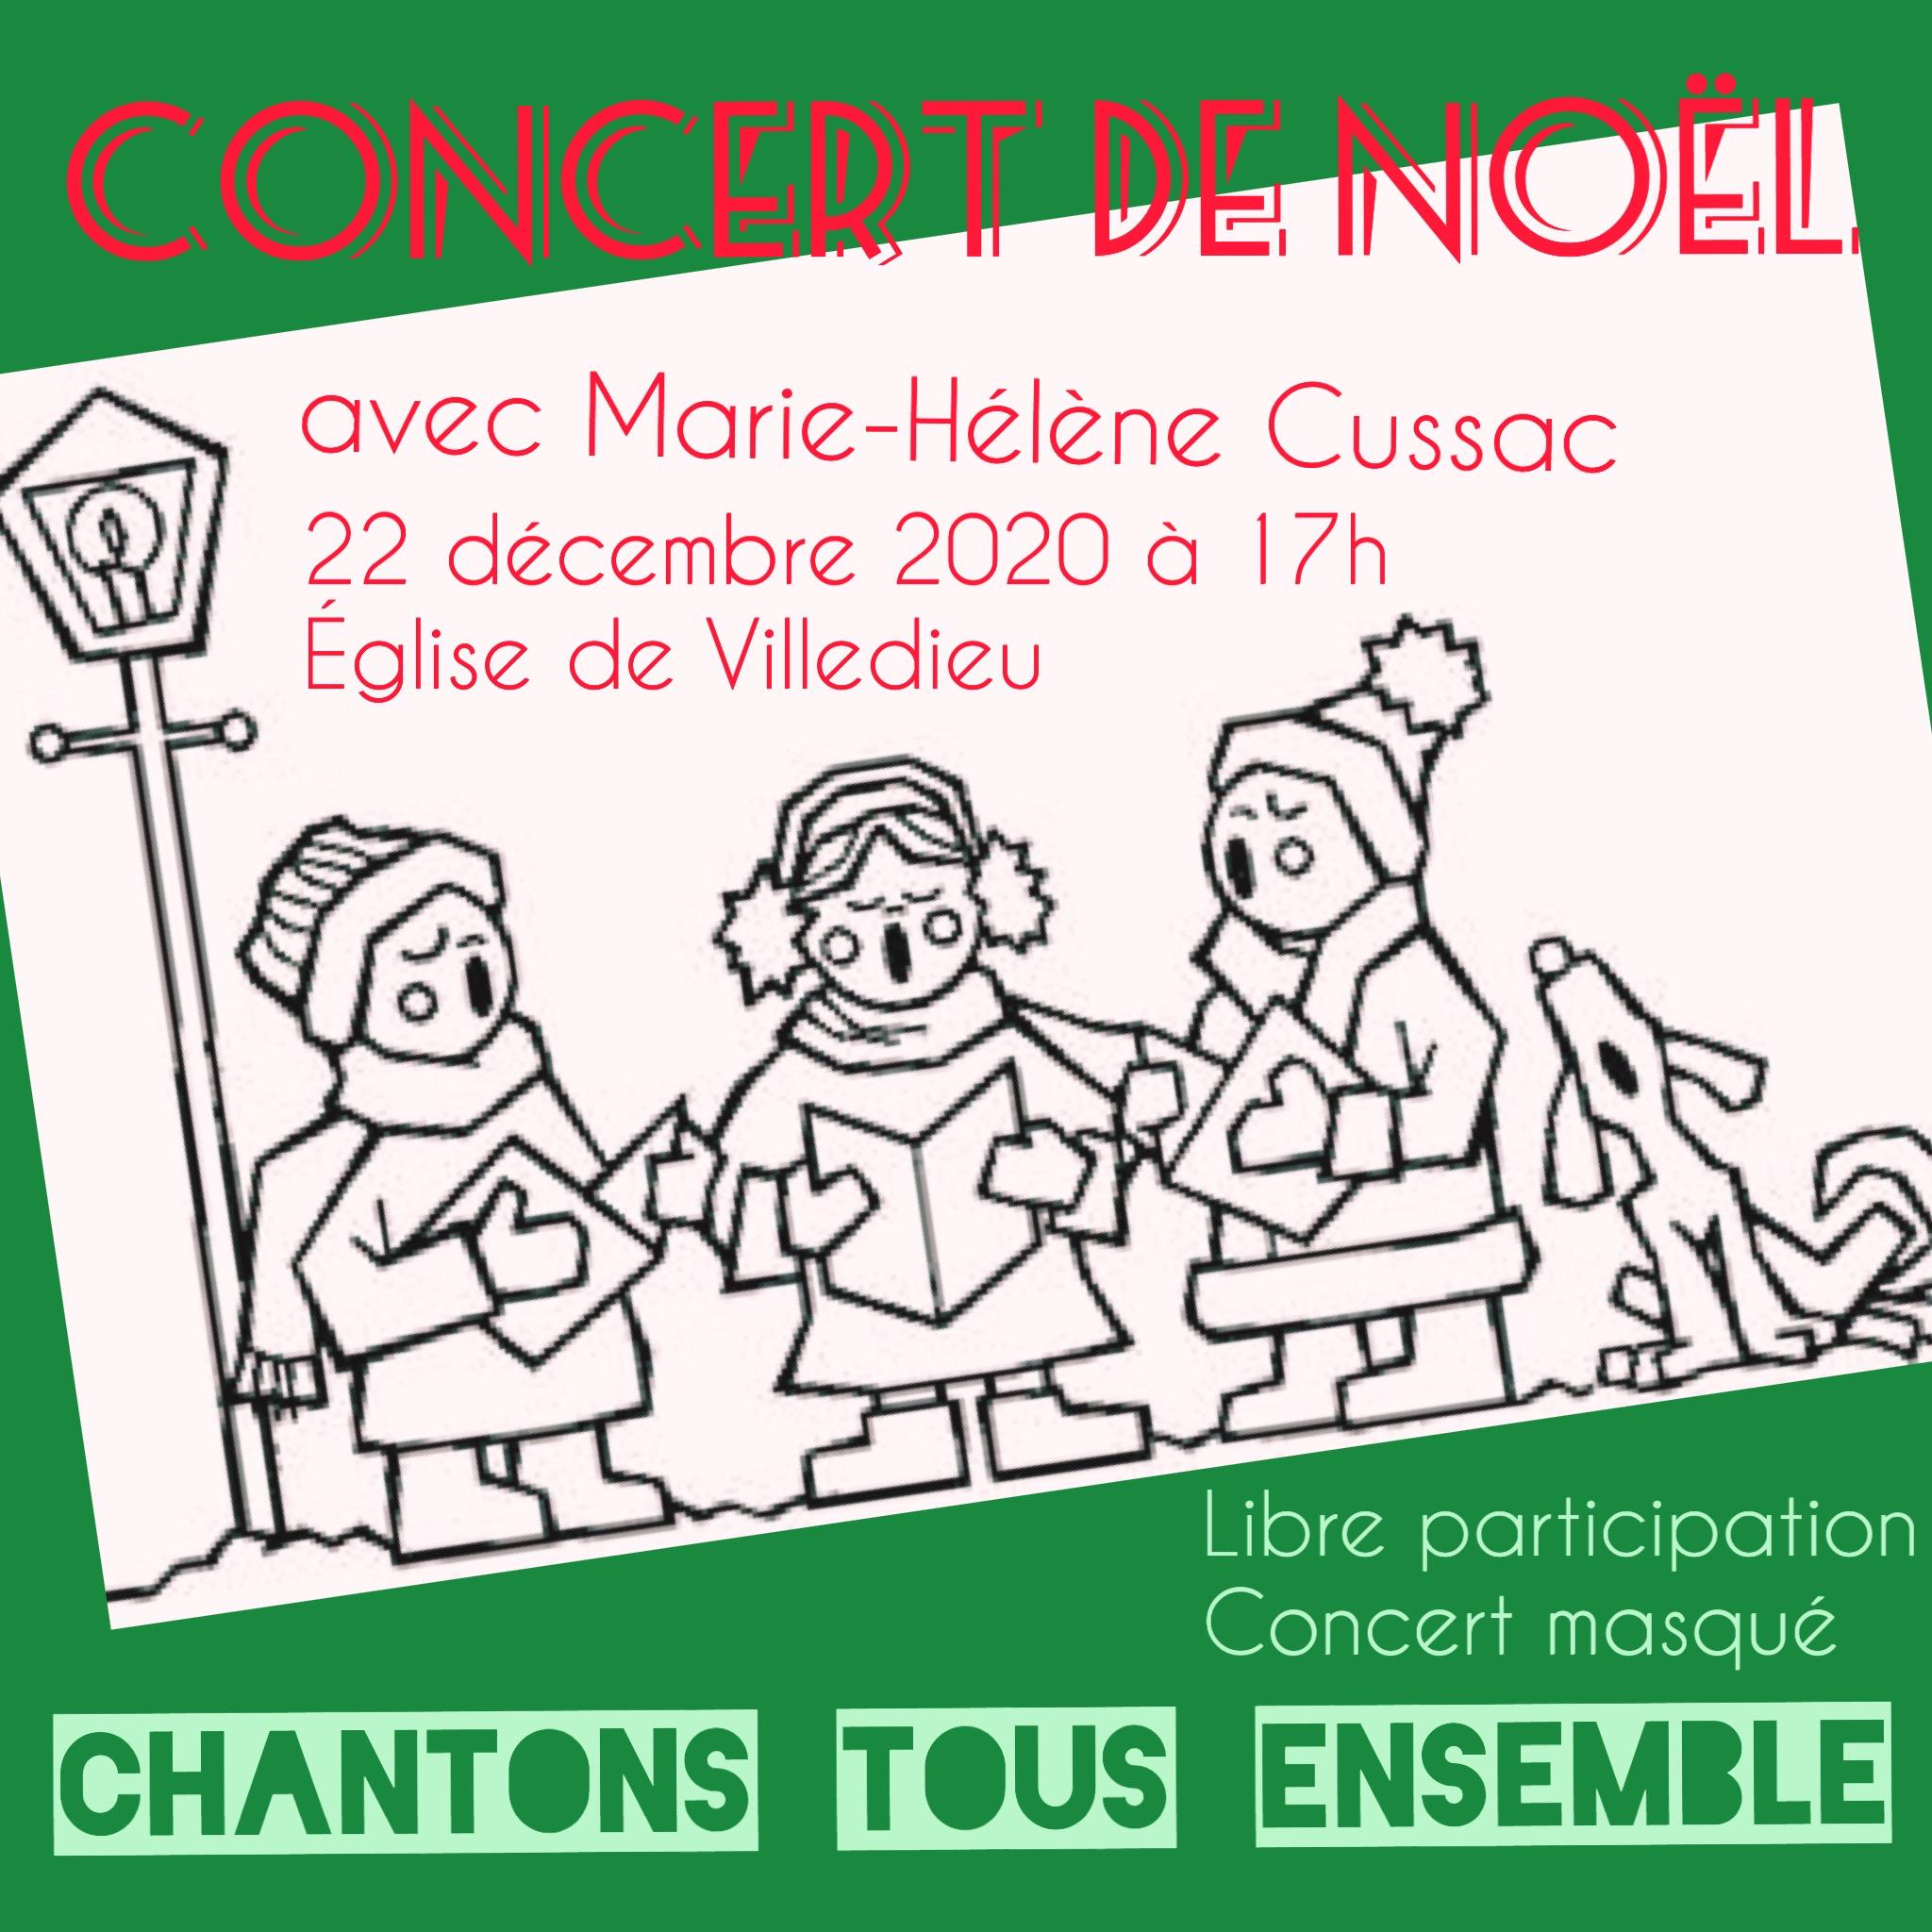 Marie-Hélène Cussac concert de Noël 2020 Christmas carols singalong